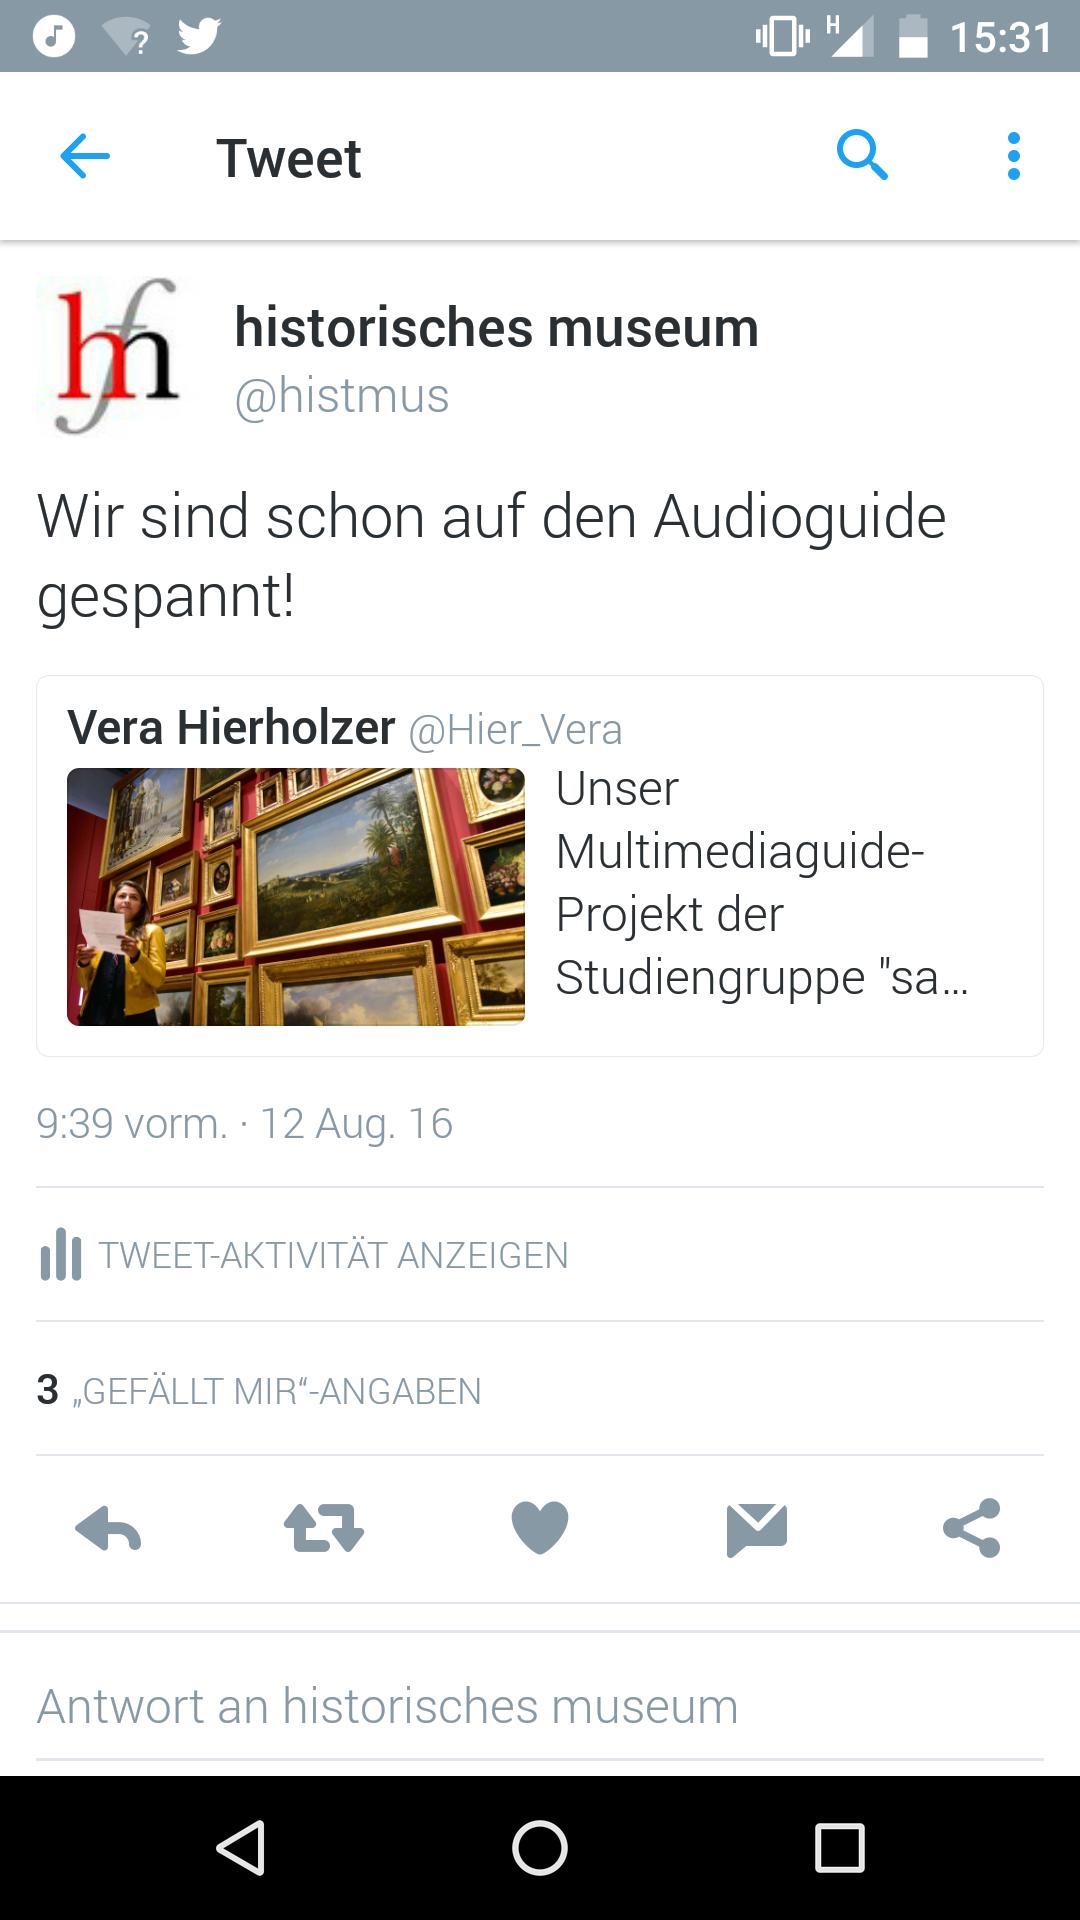 Histoirsches Museum Frankfurt: Wir sind schon auf den Audioguide gespannt